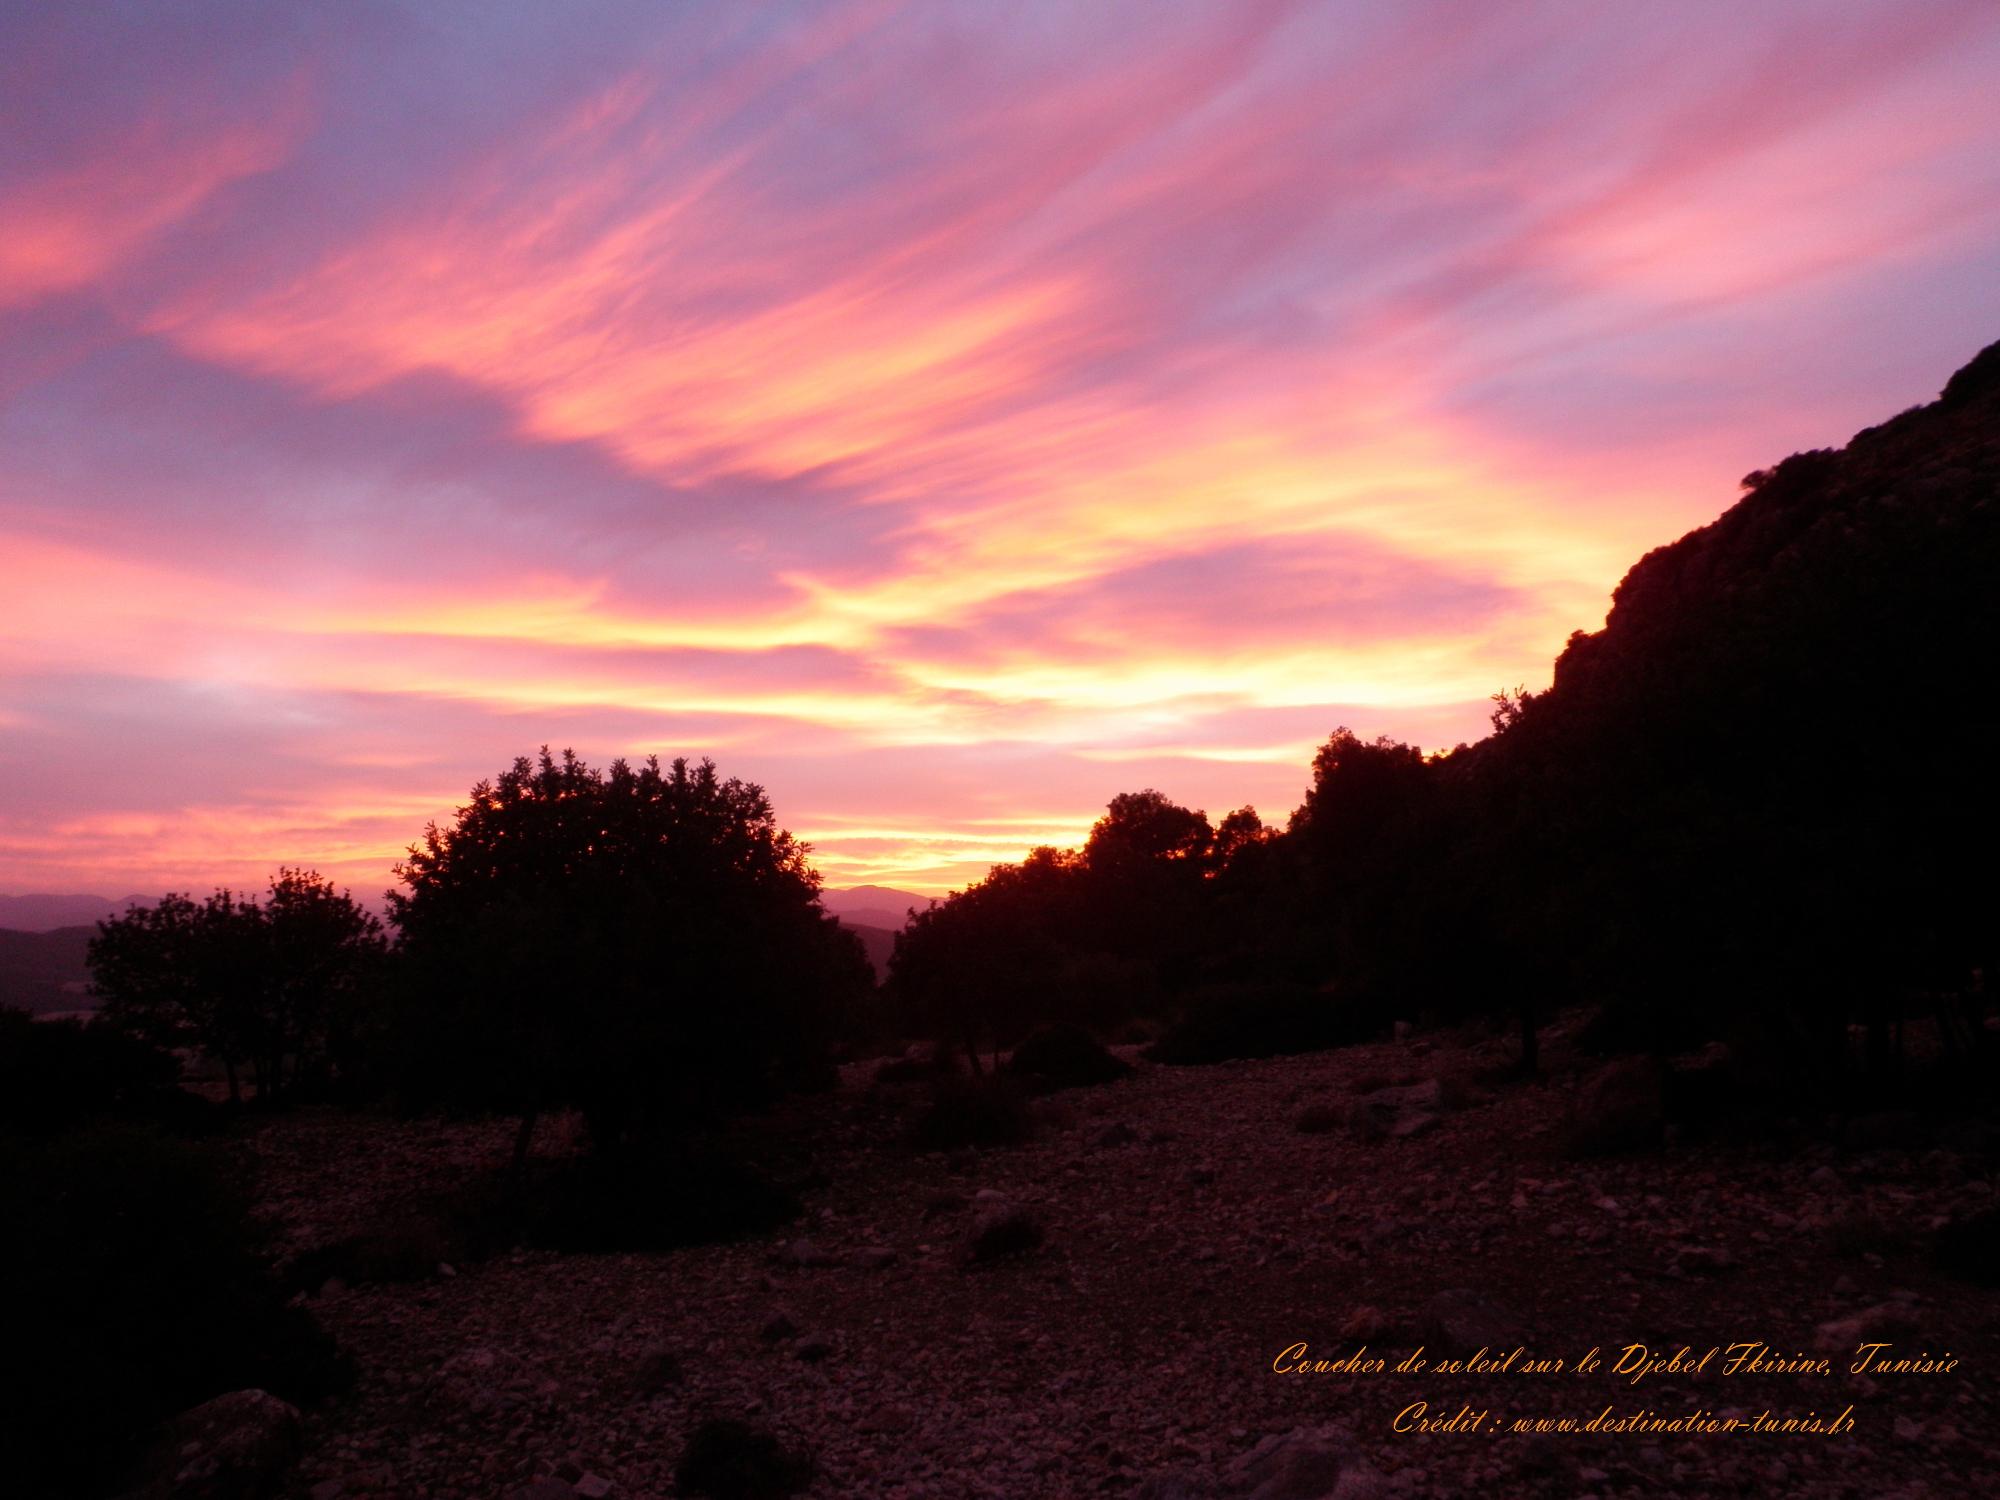 Fonds d'écran Montagne et Nature de Tunisie Coucher de soleil Djebel Fkirine Tunisie